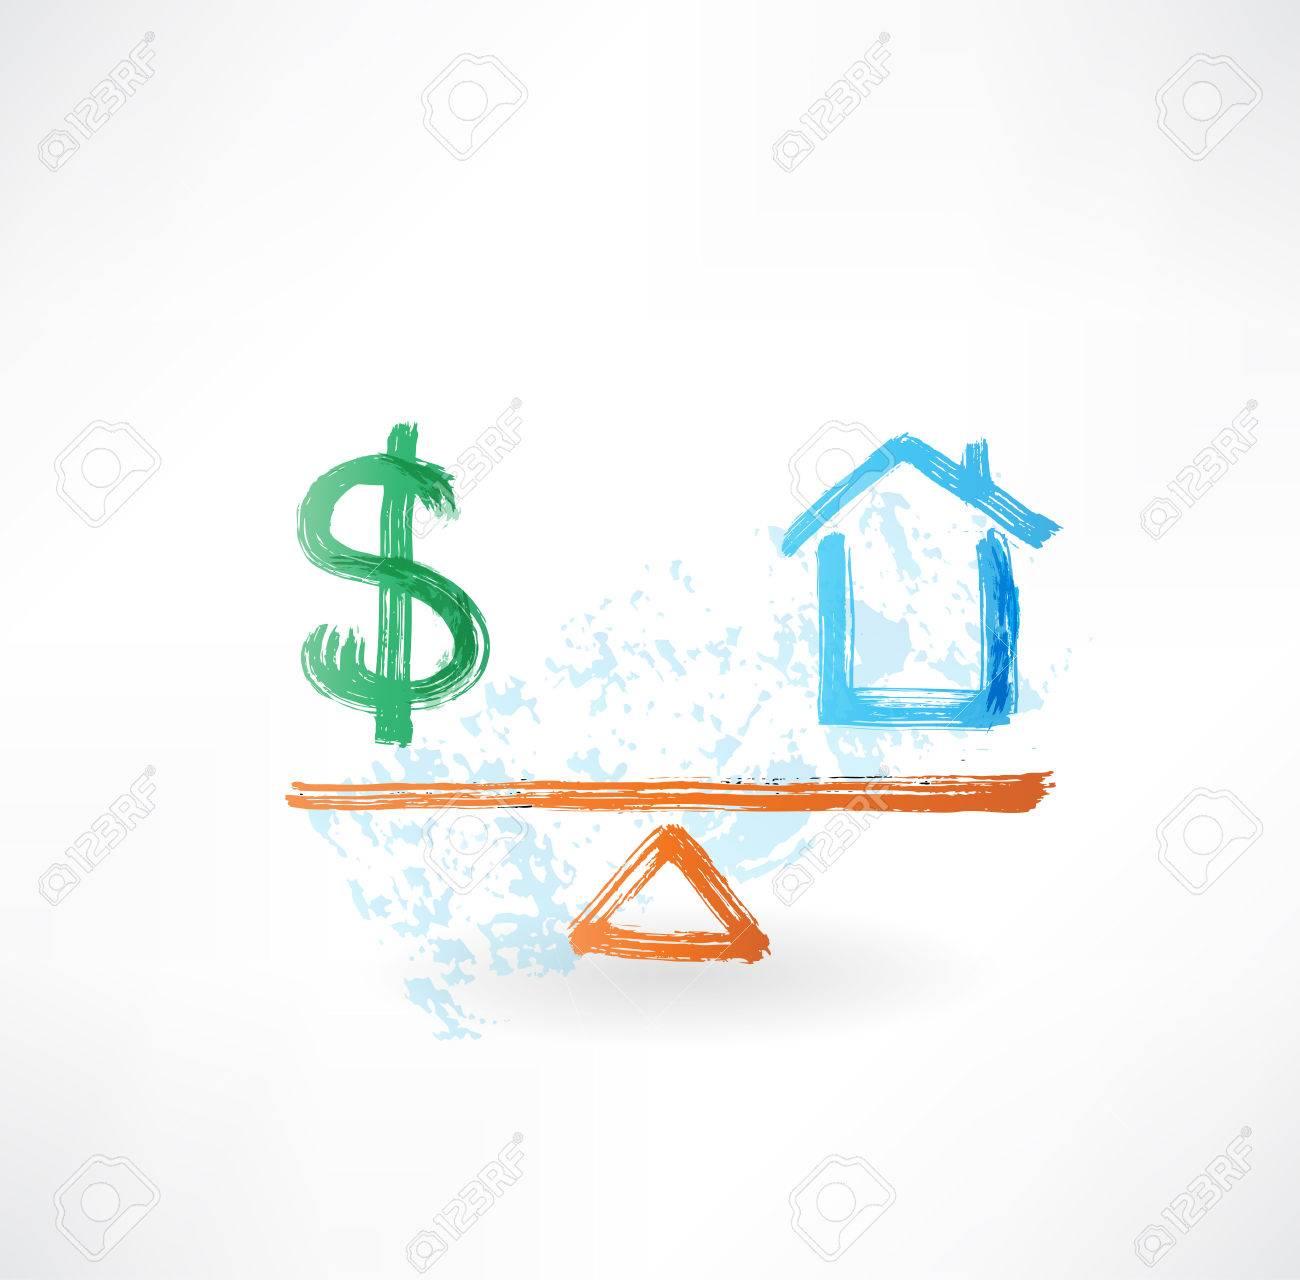 money house balance grunge icon Standard-Bild - 25349947